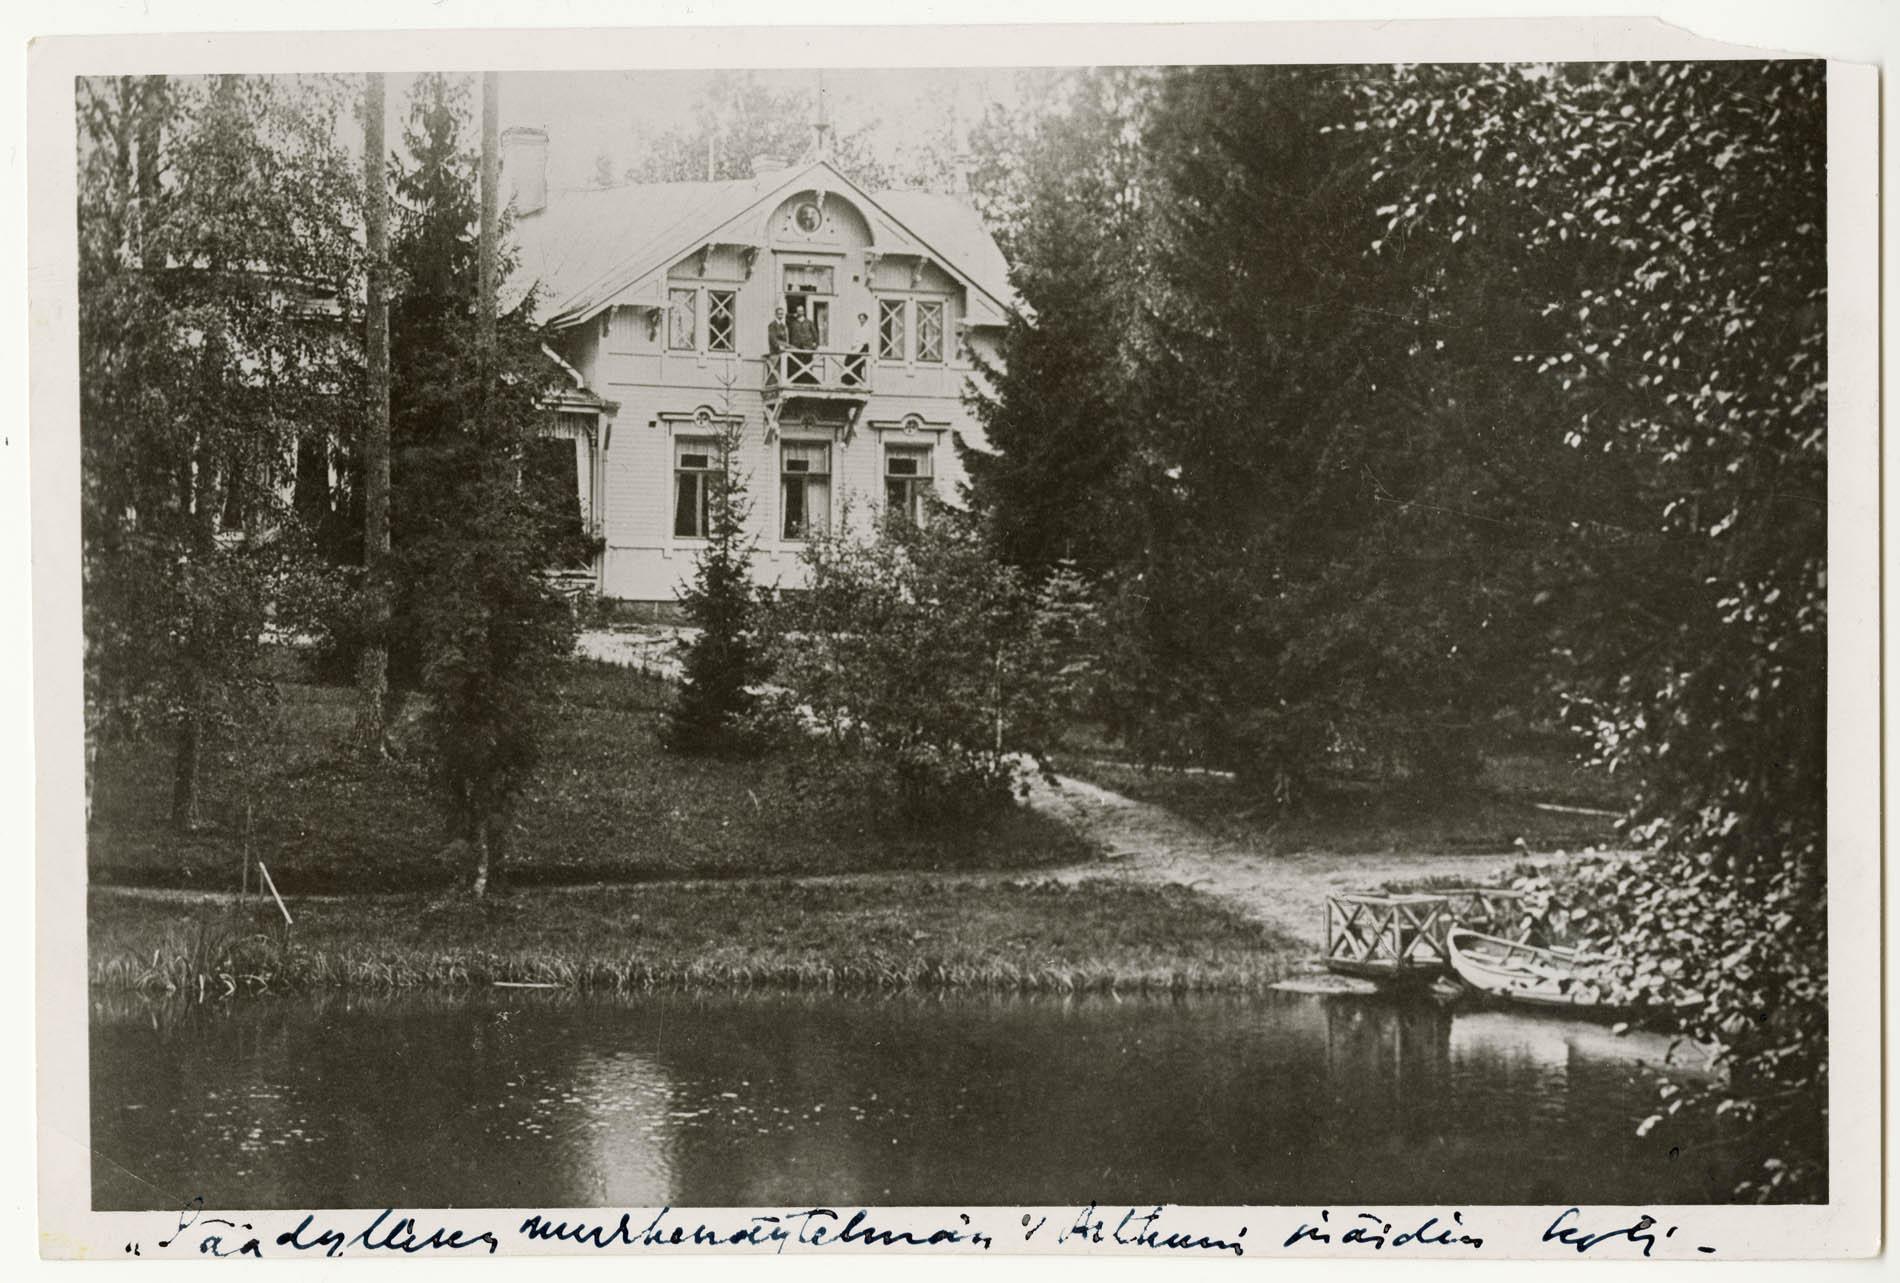 Olavi Paavolaisen Vienola Helvi Hämäläisen valokuvaamana vuonna 1920. Helvi Hämäläisen arkisto.